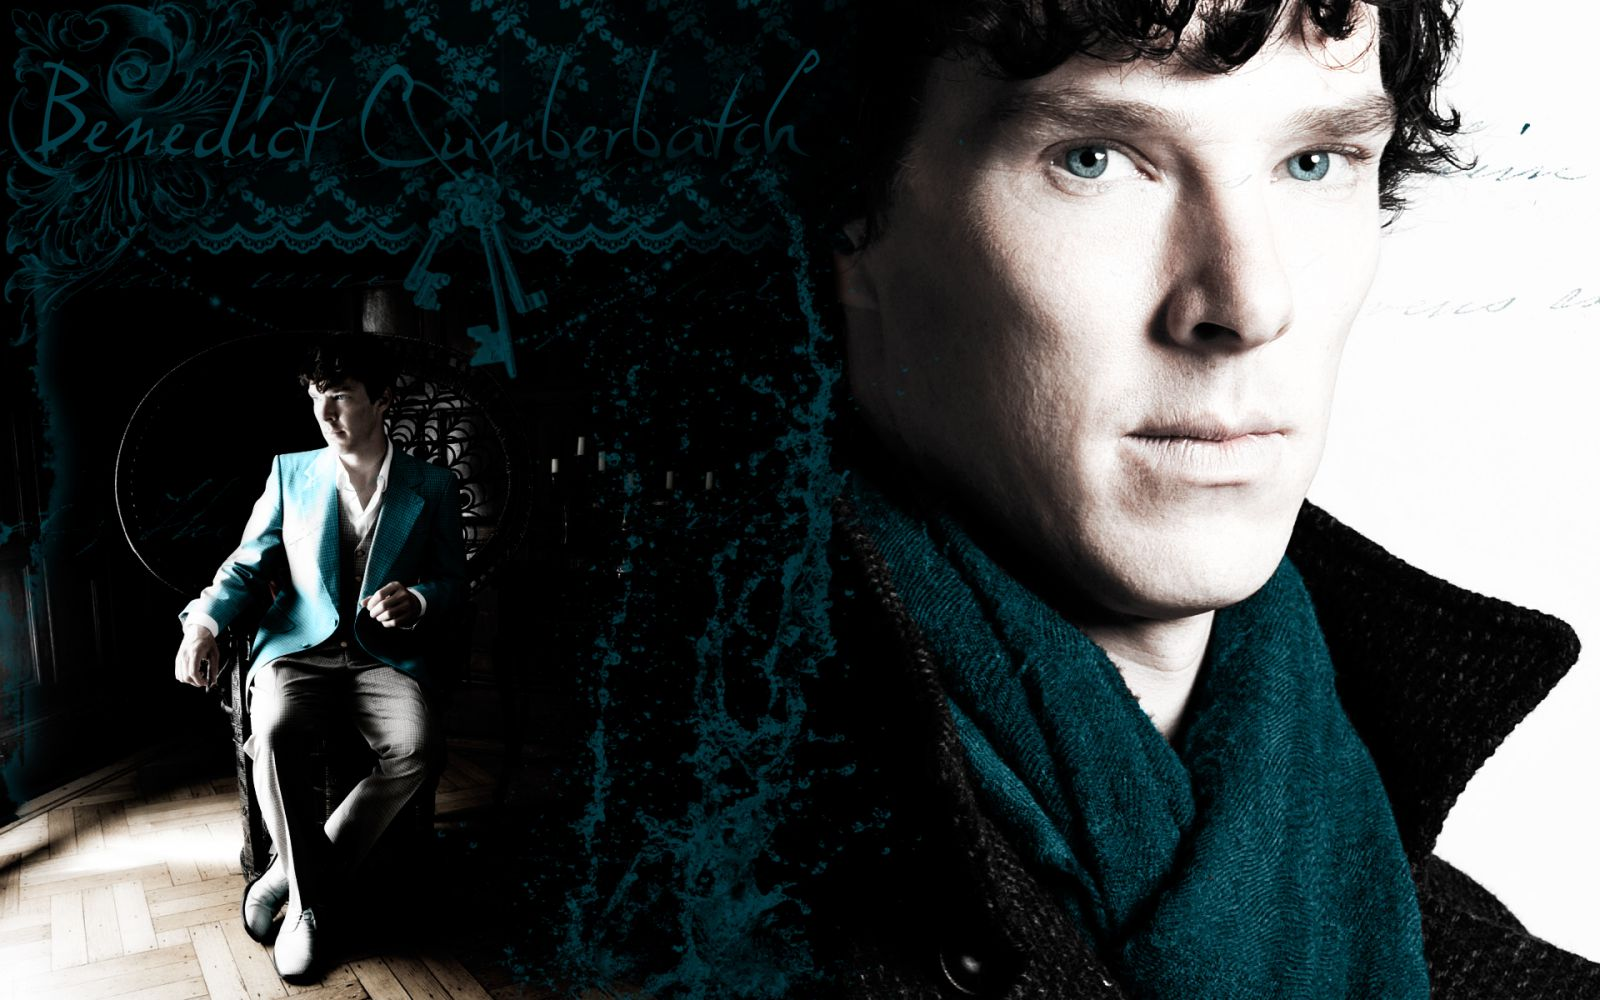 Benedict_Cumberbatch-3